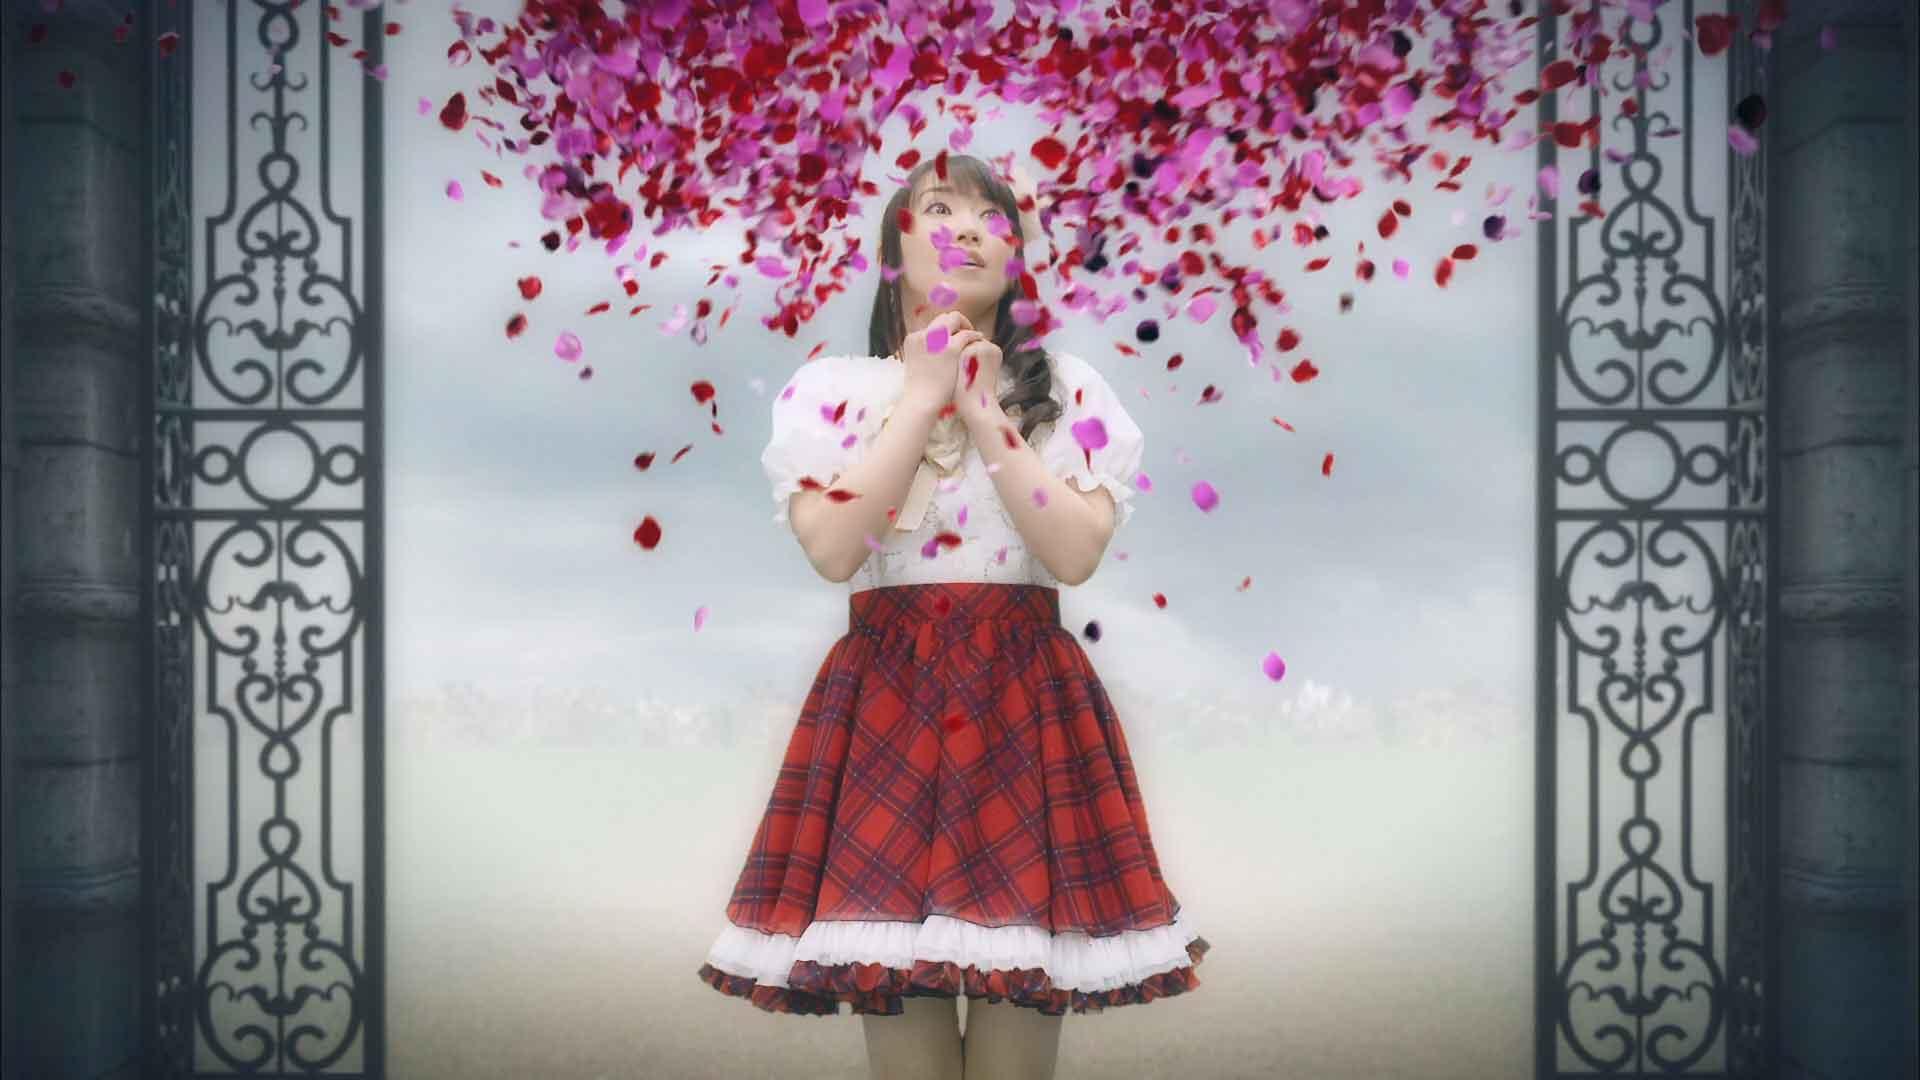 [蓝光原盘] 水树奈奈Nana Mizuki LIVE THEATER 2015 -ACOUSTIC《BDMV 双碟 82.2G》